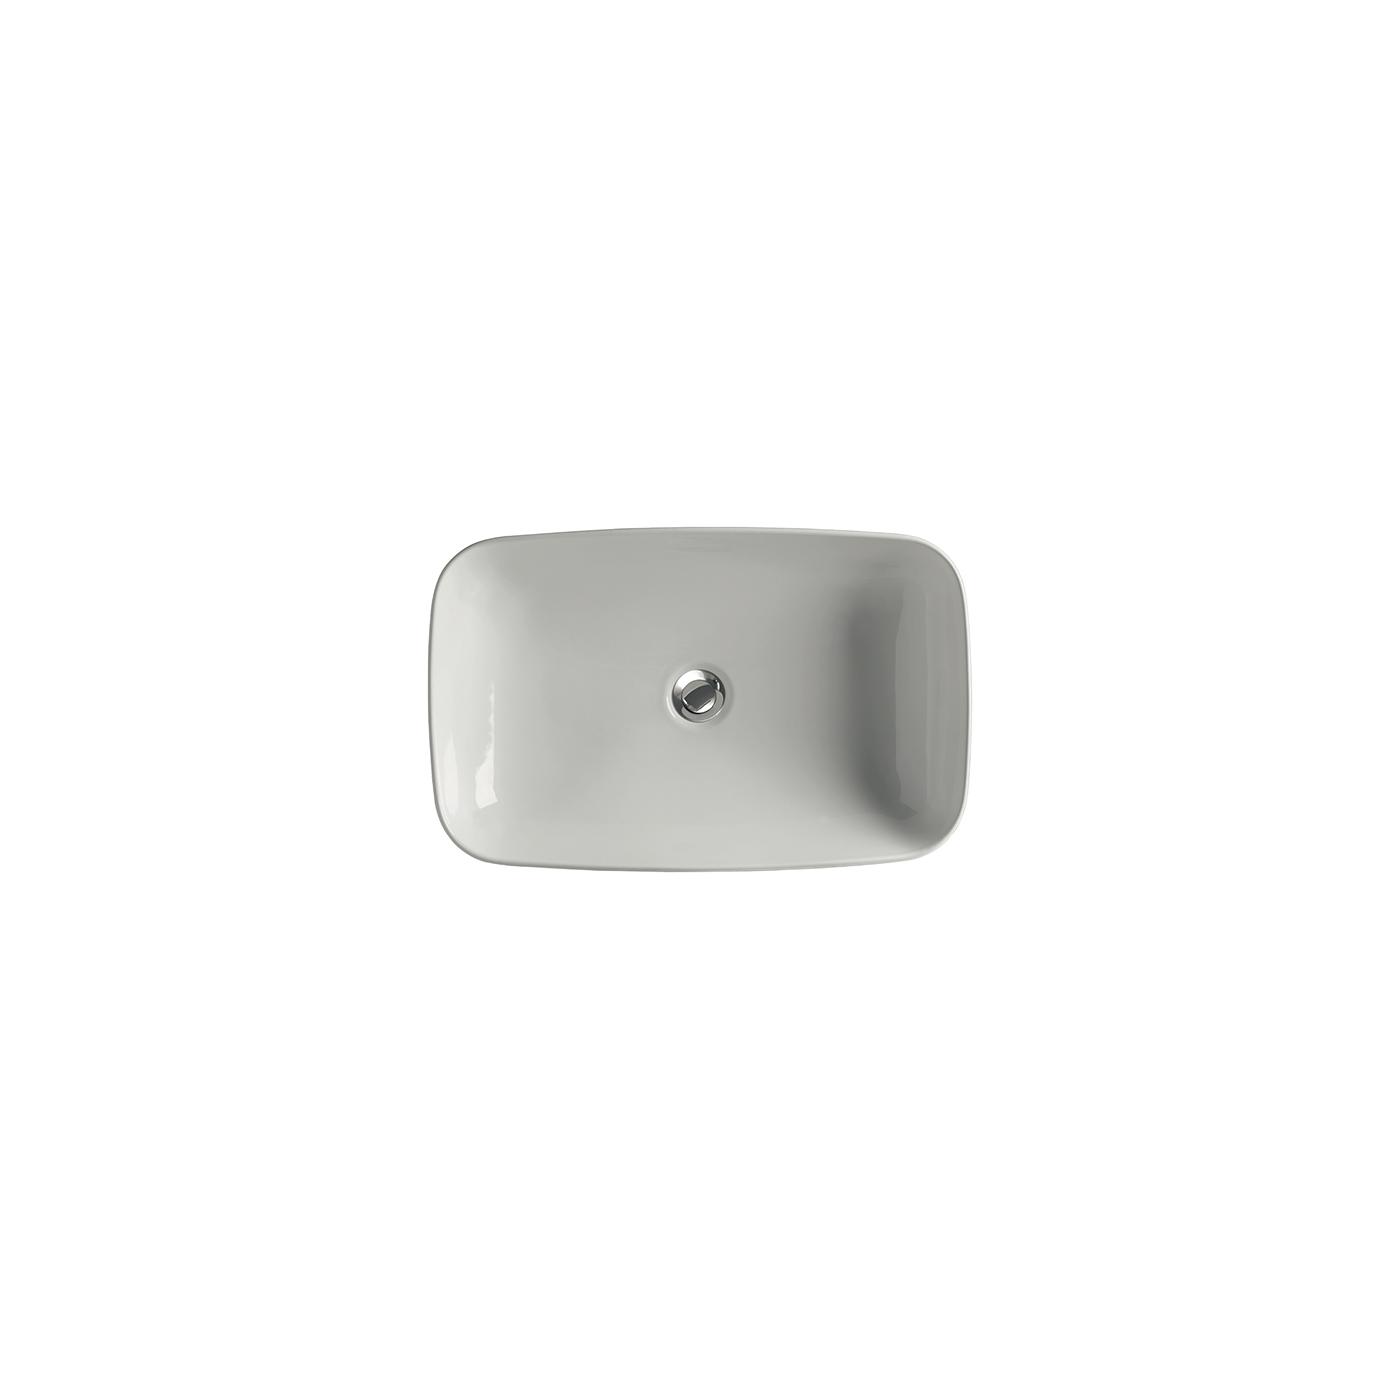 Dimensioni Altezza Vasca Da Bagno : Vasca da bagno arredamento mobili e accessori per la casa